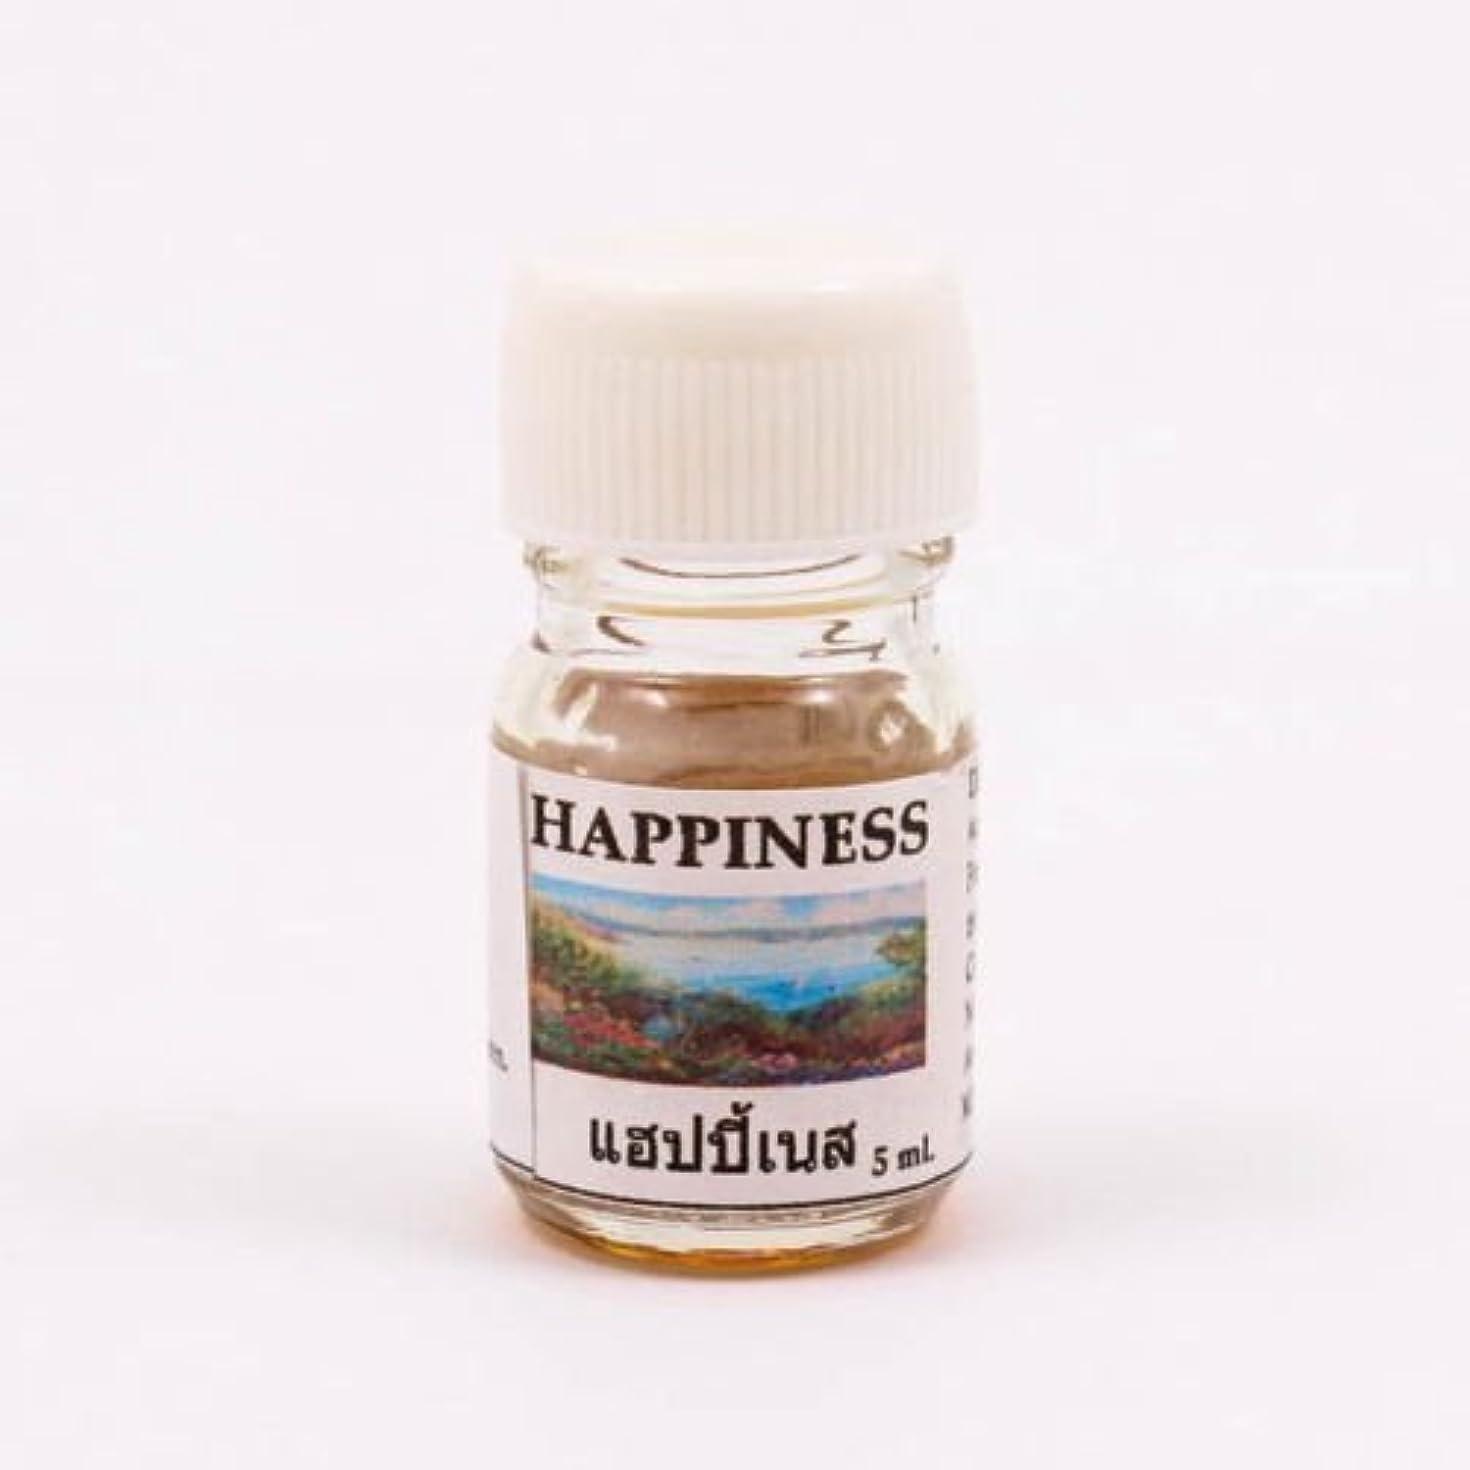 受益者またね満足させる6X Happiness Aroma Fragrance Essential Oil 5ML. cc Diffuser Burner Therapy